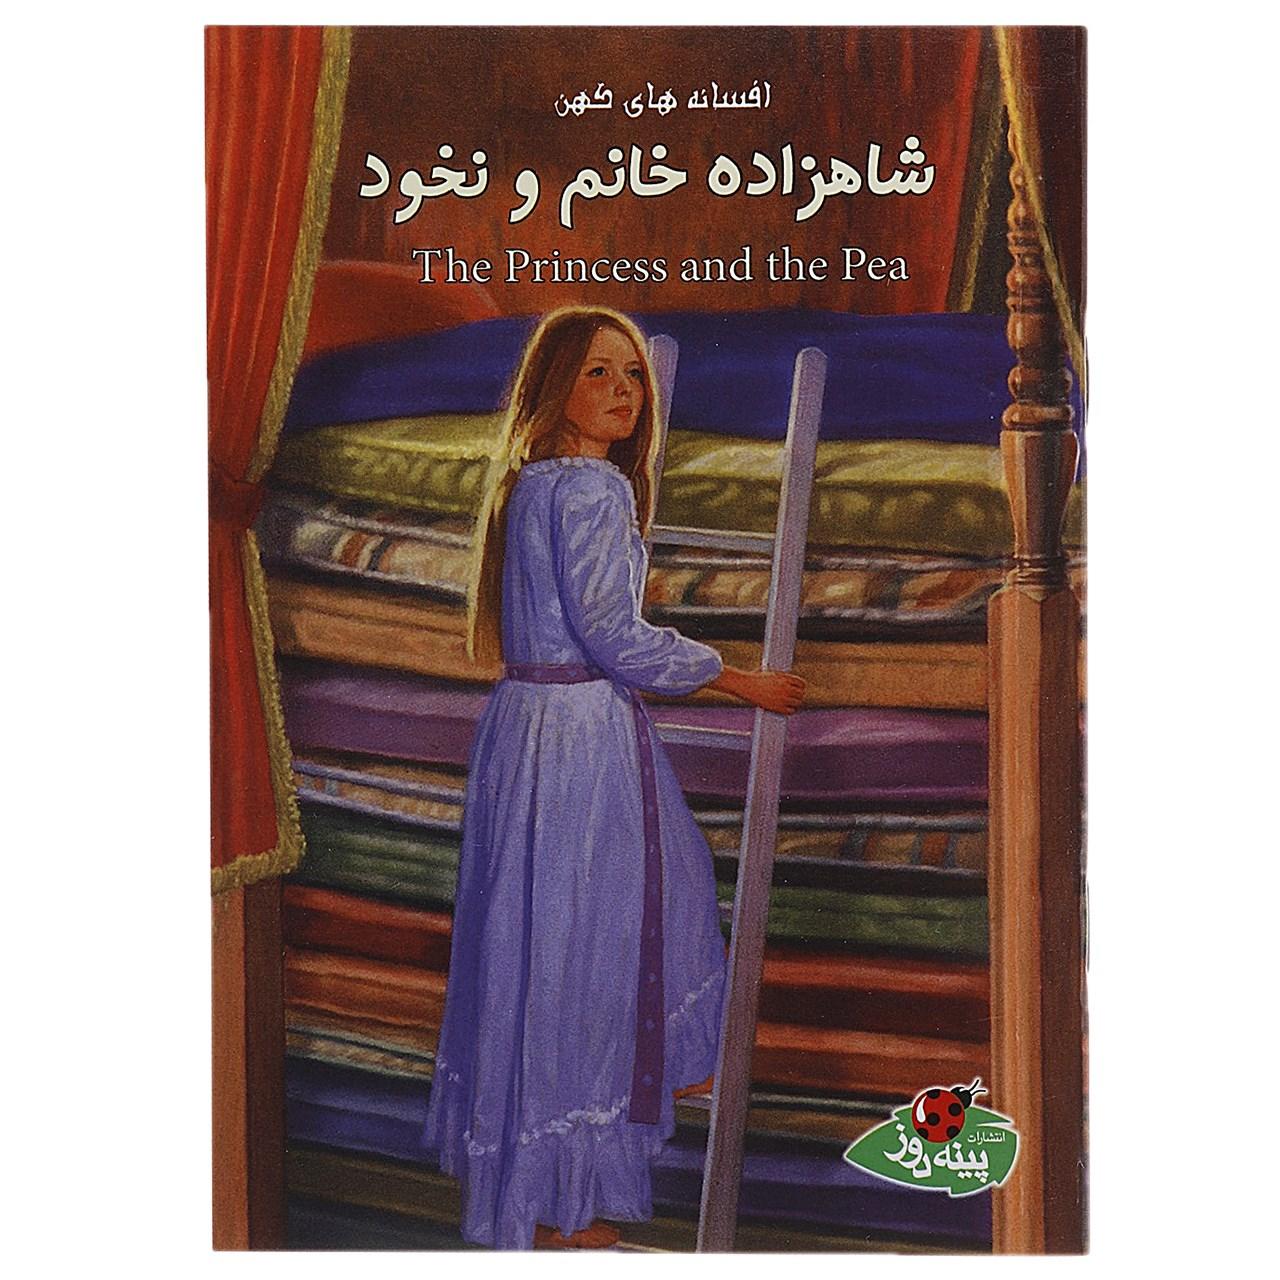 کتاب شاهزاده خانم ونخود اثر ورا ساتگیت